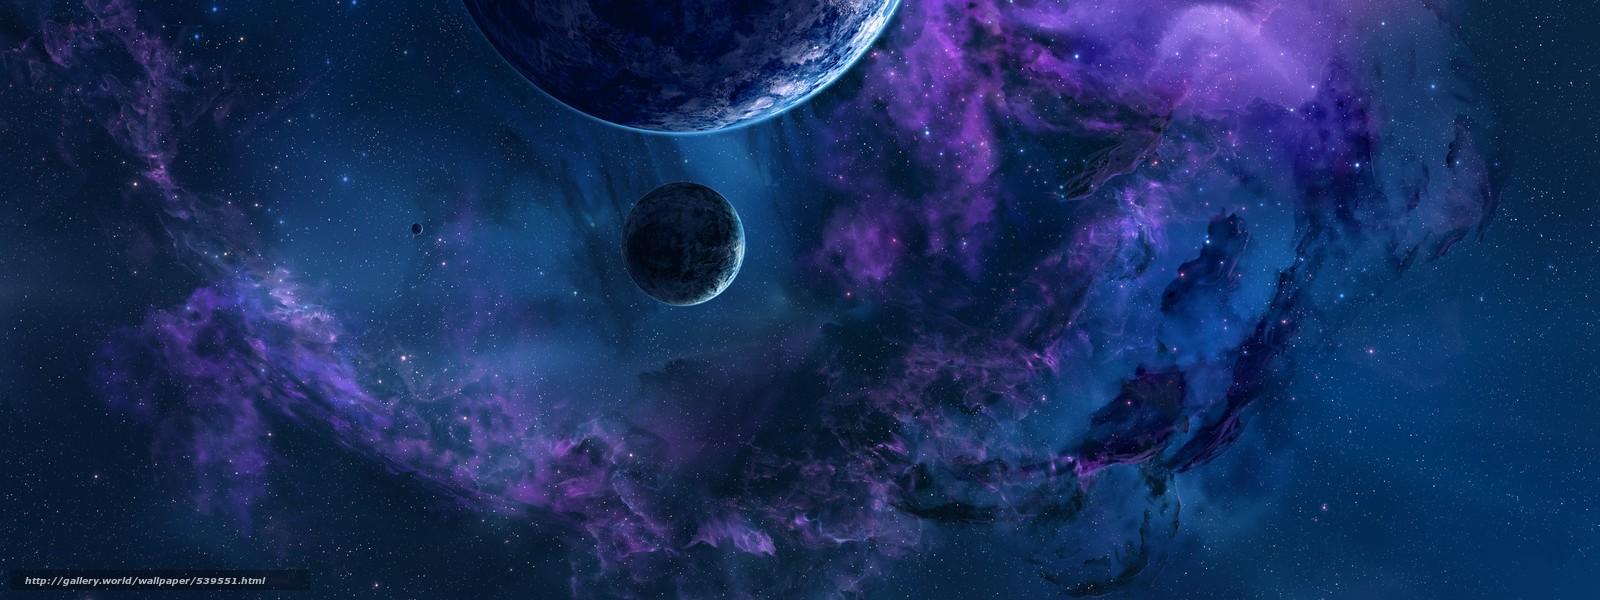 http://st.gde-fon.com/wallpapers_original/539551_kosmos_3d_art_5120x1920_www.Gde-Fon.com.jpg